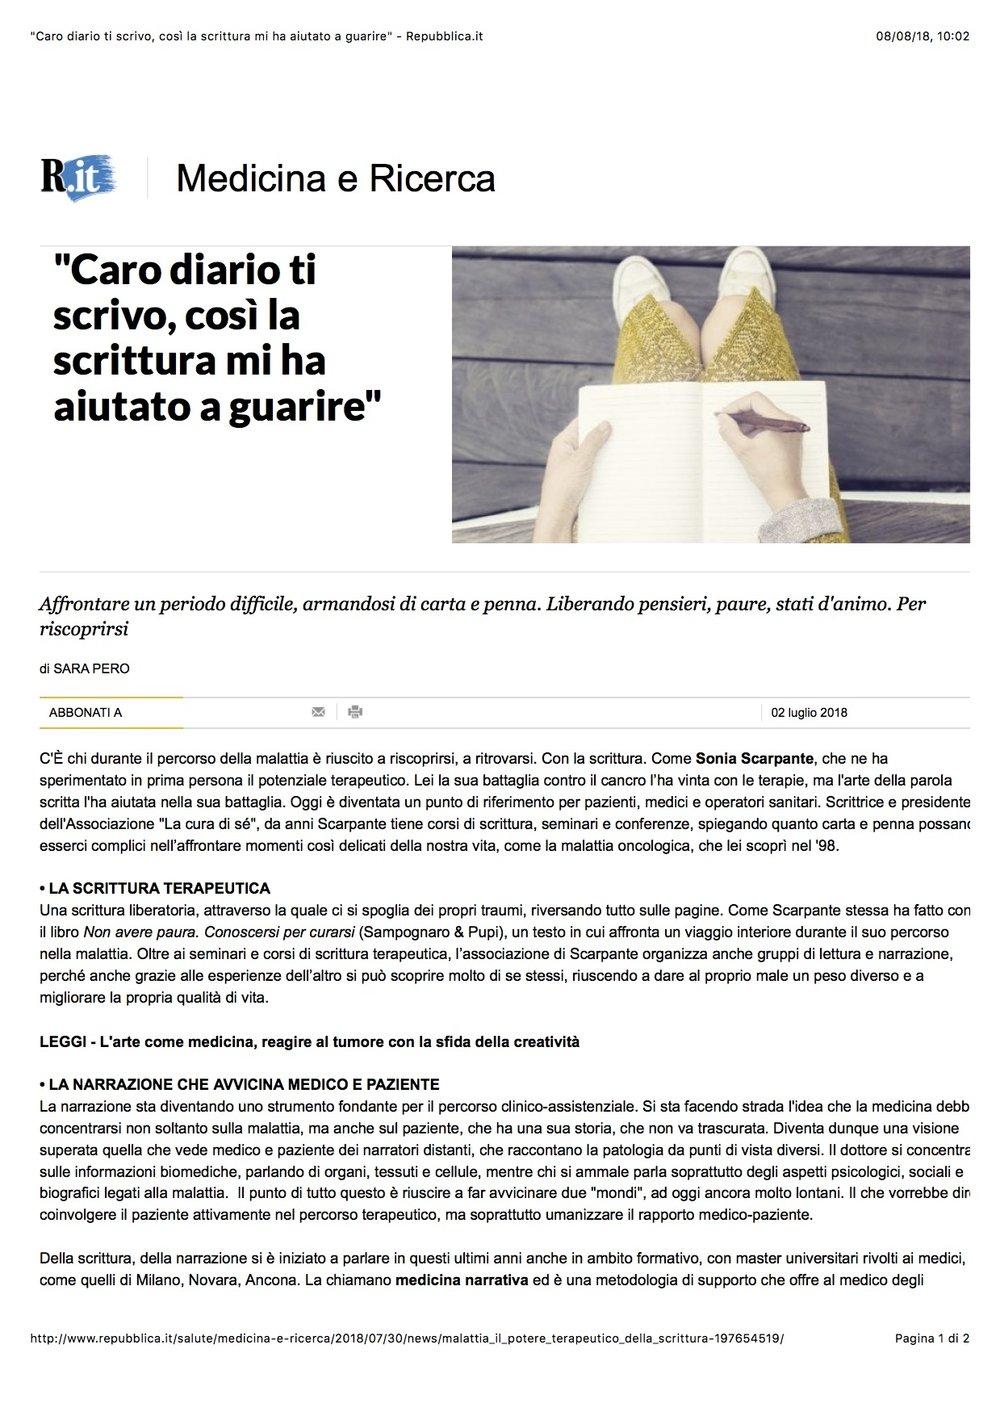 %22Caro diario ti scrivo, così la scrittura mi ha aiutato a guarire%22 - Repubblica.it.jpg